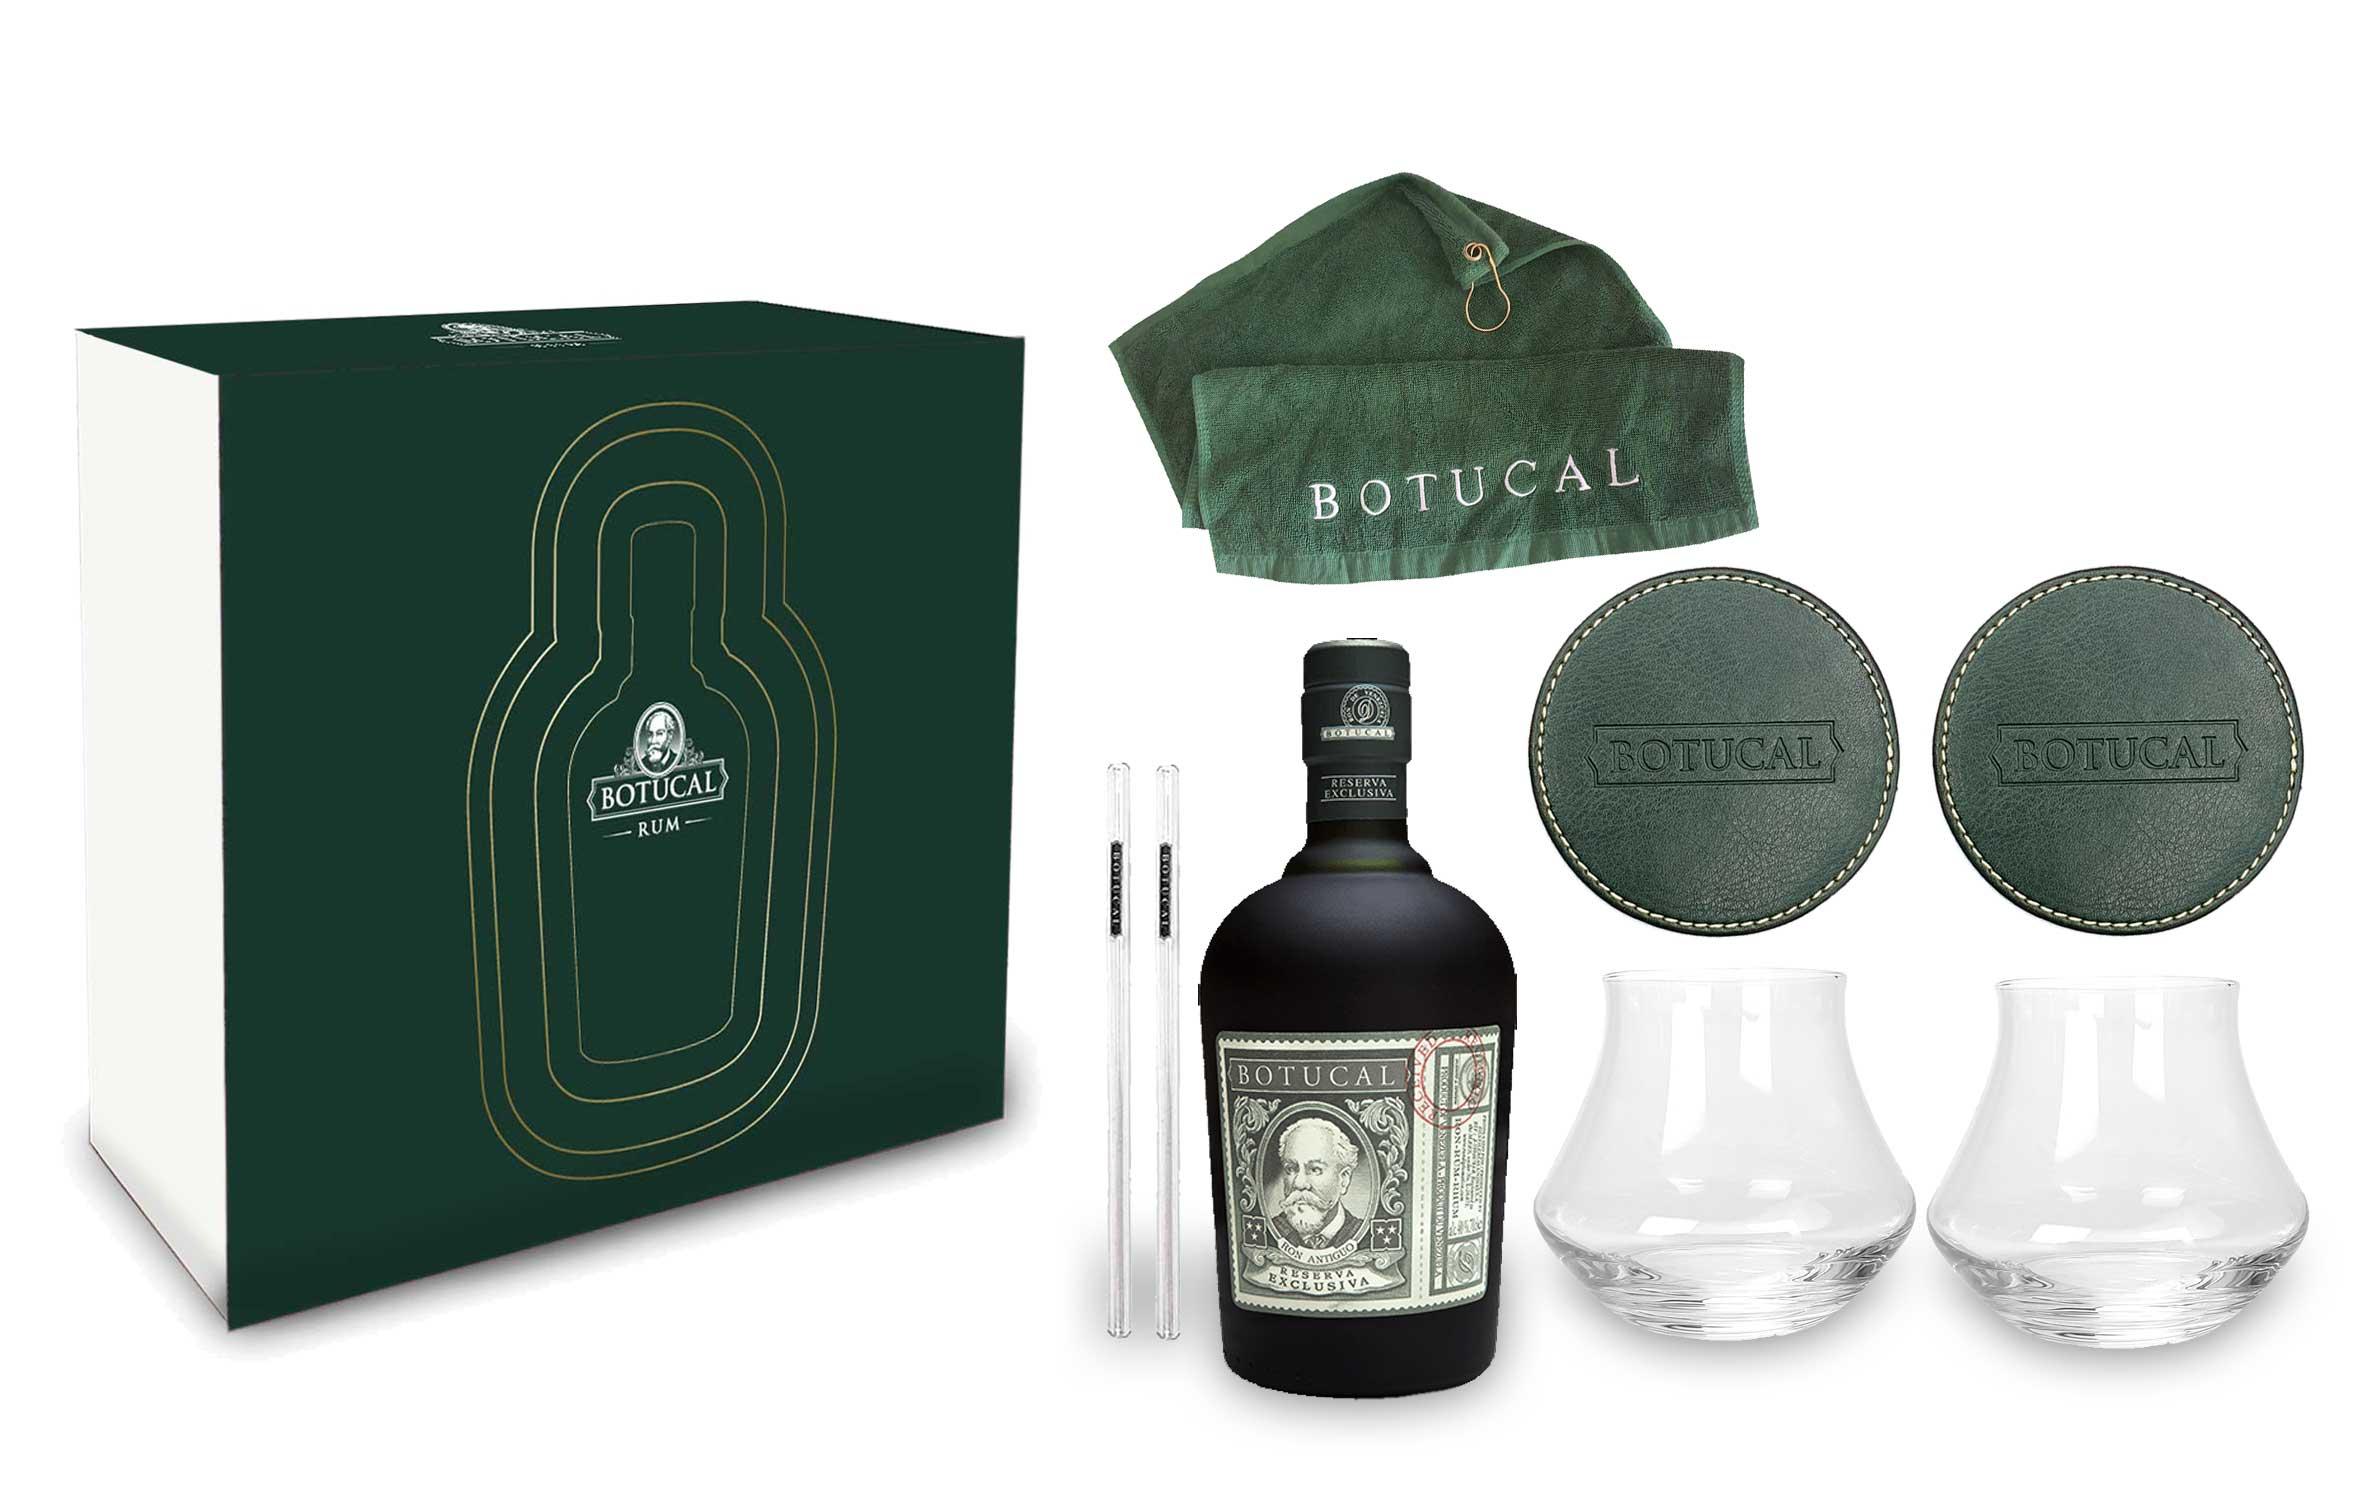 Botucal Schuber Geschenkset Reserva Exclusiva Rum 0,70l (40% Vol) mit 2 Botucal Tumbler Gläser + 2x Untersetzer + 2 Glashalme und einem Golfhandtuch Ron de Venezuela Set- [Enthält Sulfite]